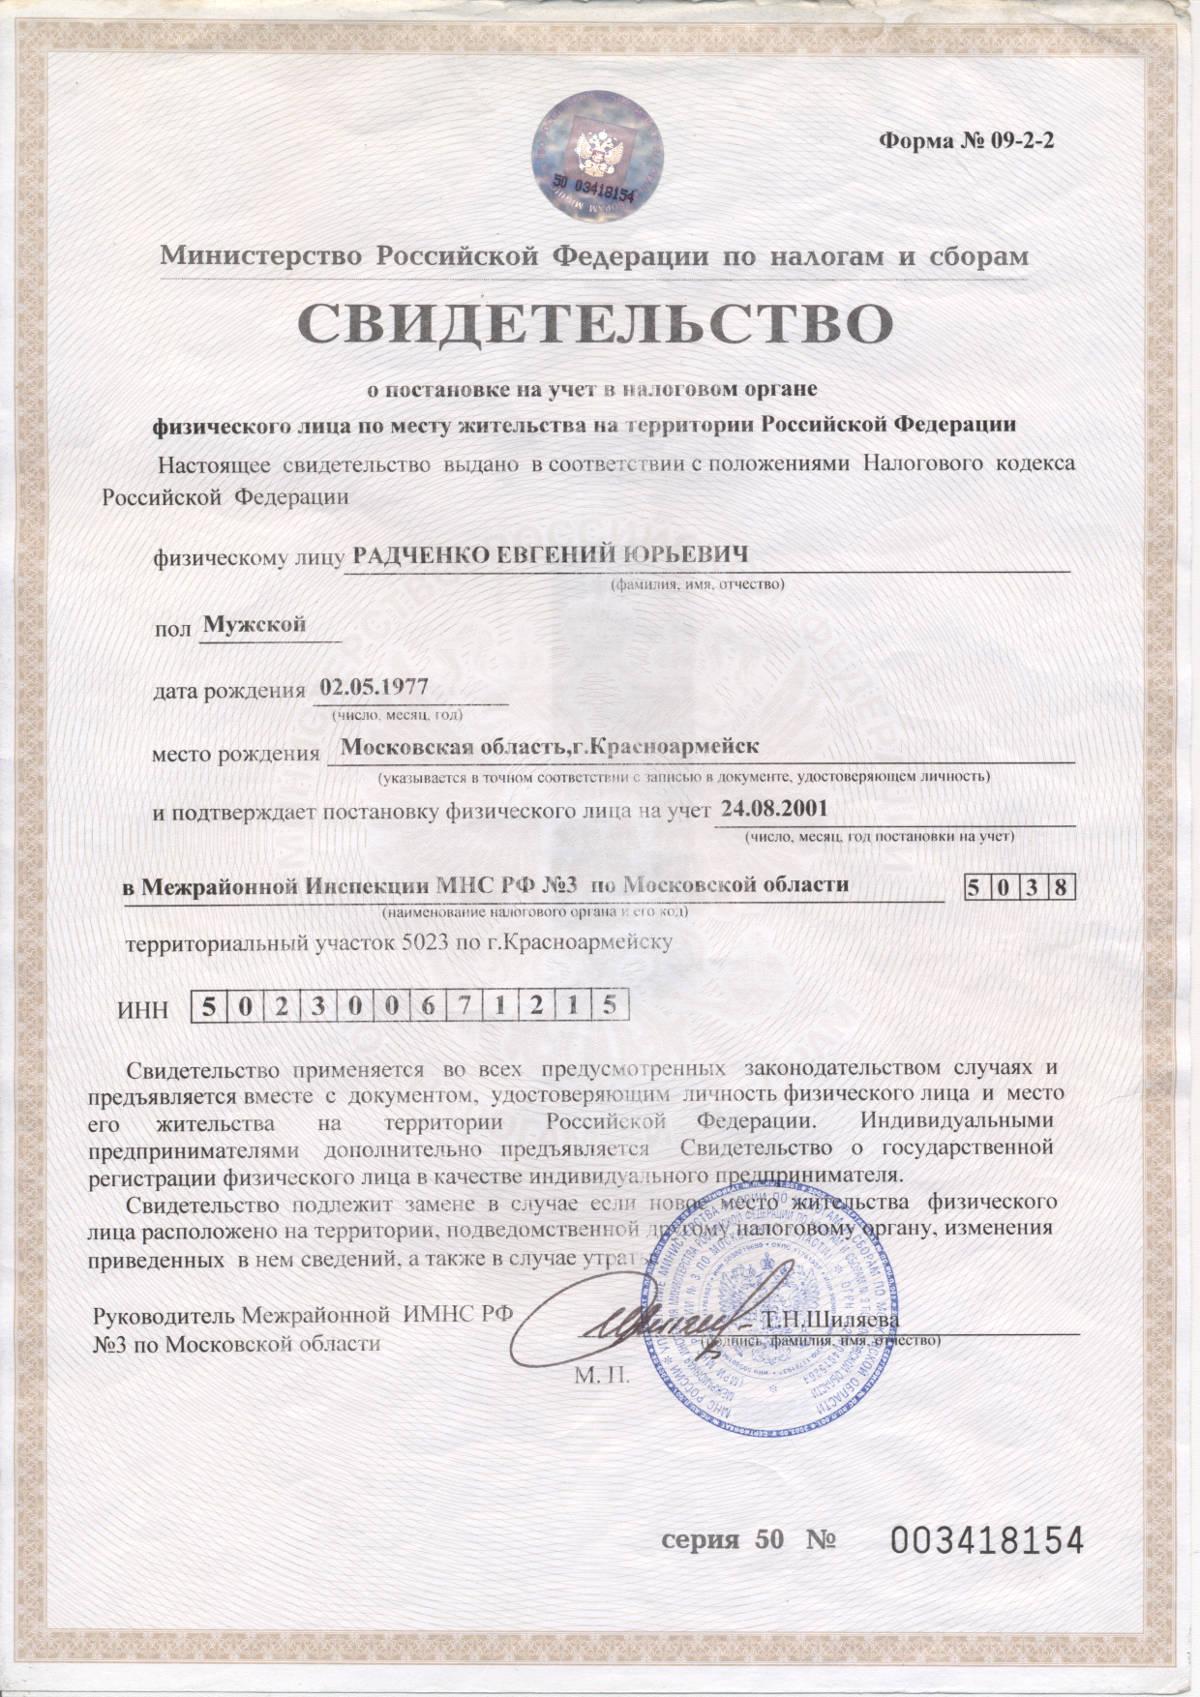 Как получить и узнать ИНН по паспорту для физического лица? 5